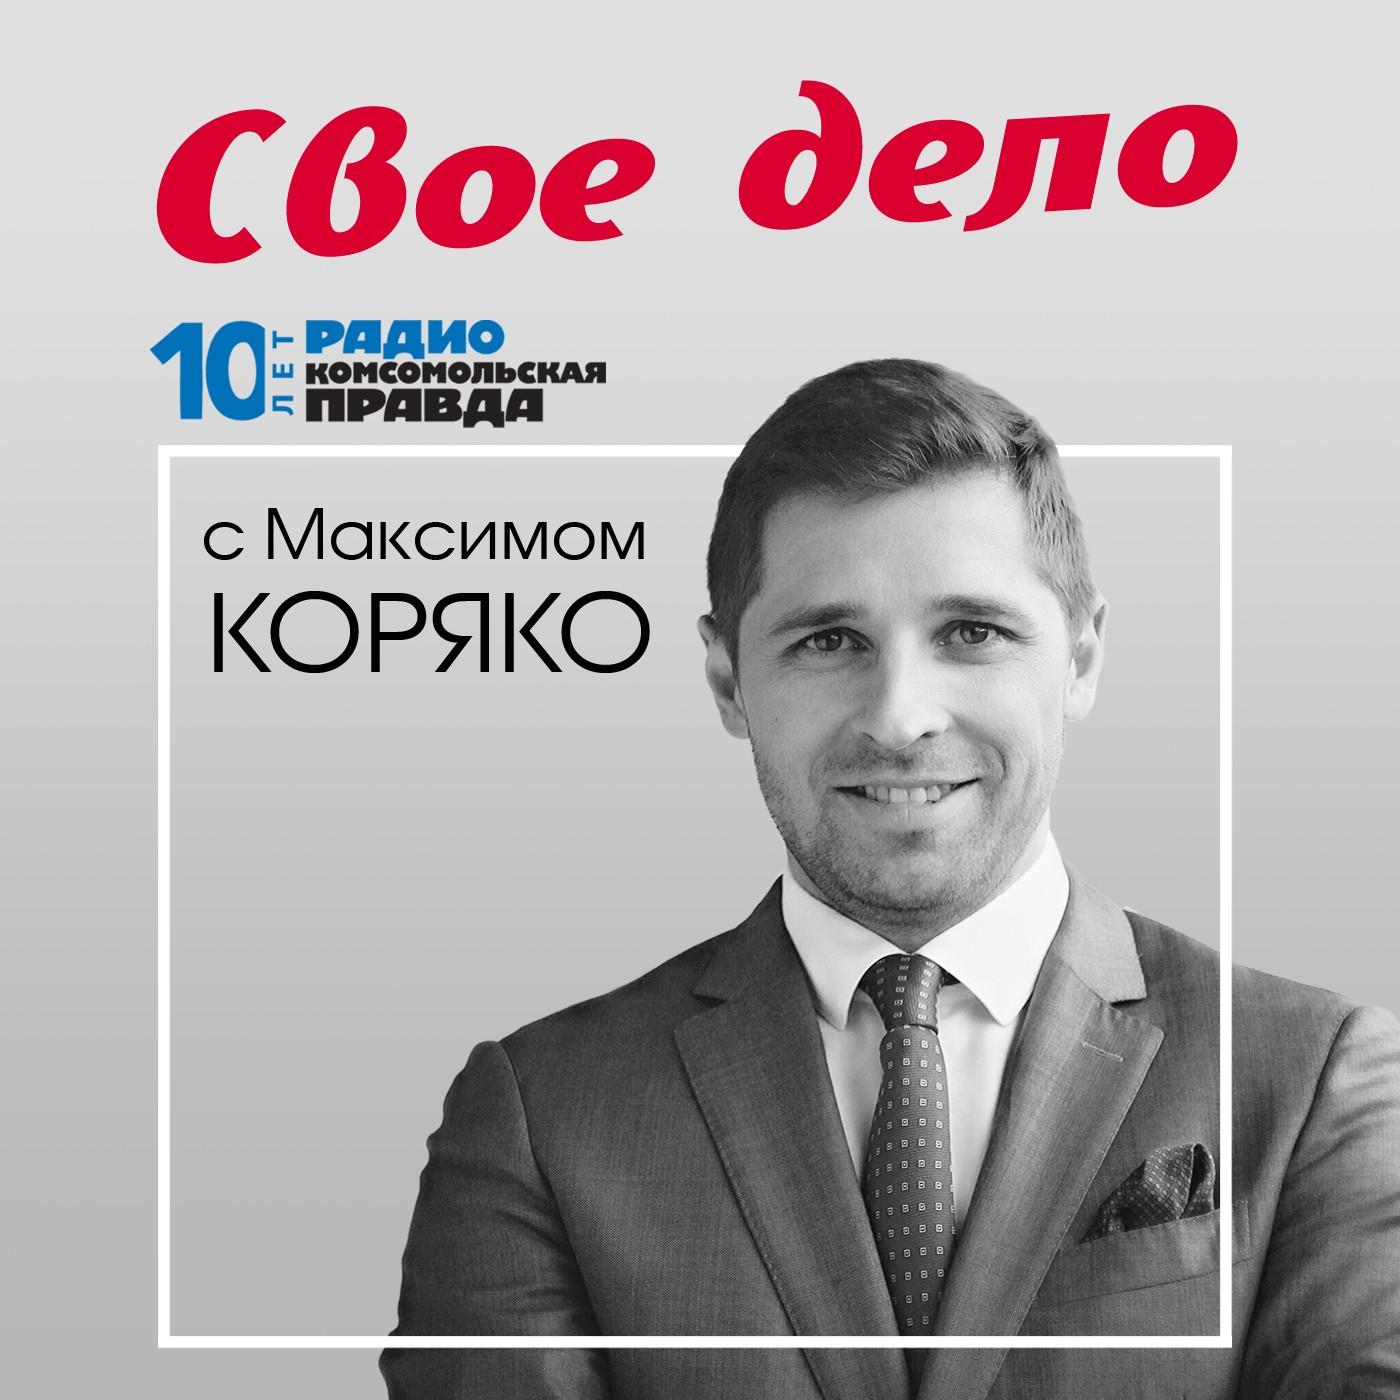 Радио «Комсомольская правда» 4 простых бизнеса, которые можно открыть, имея всего 200 тысяч рублей